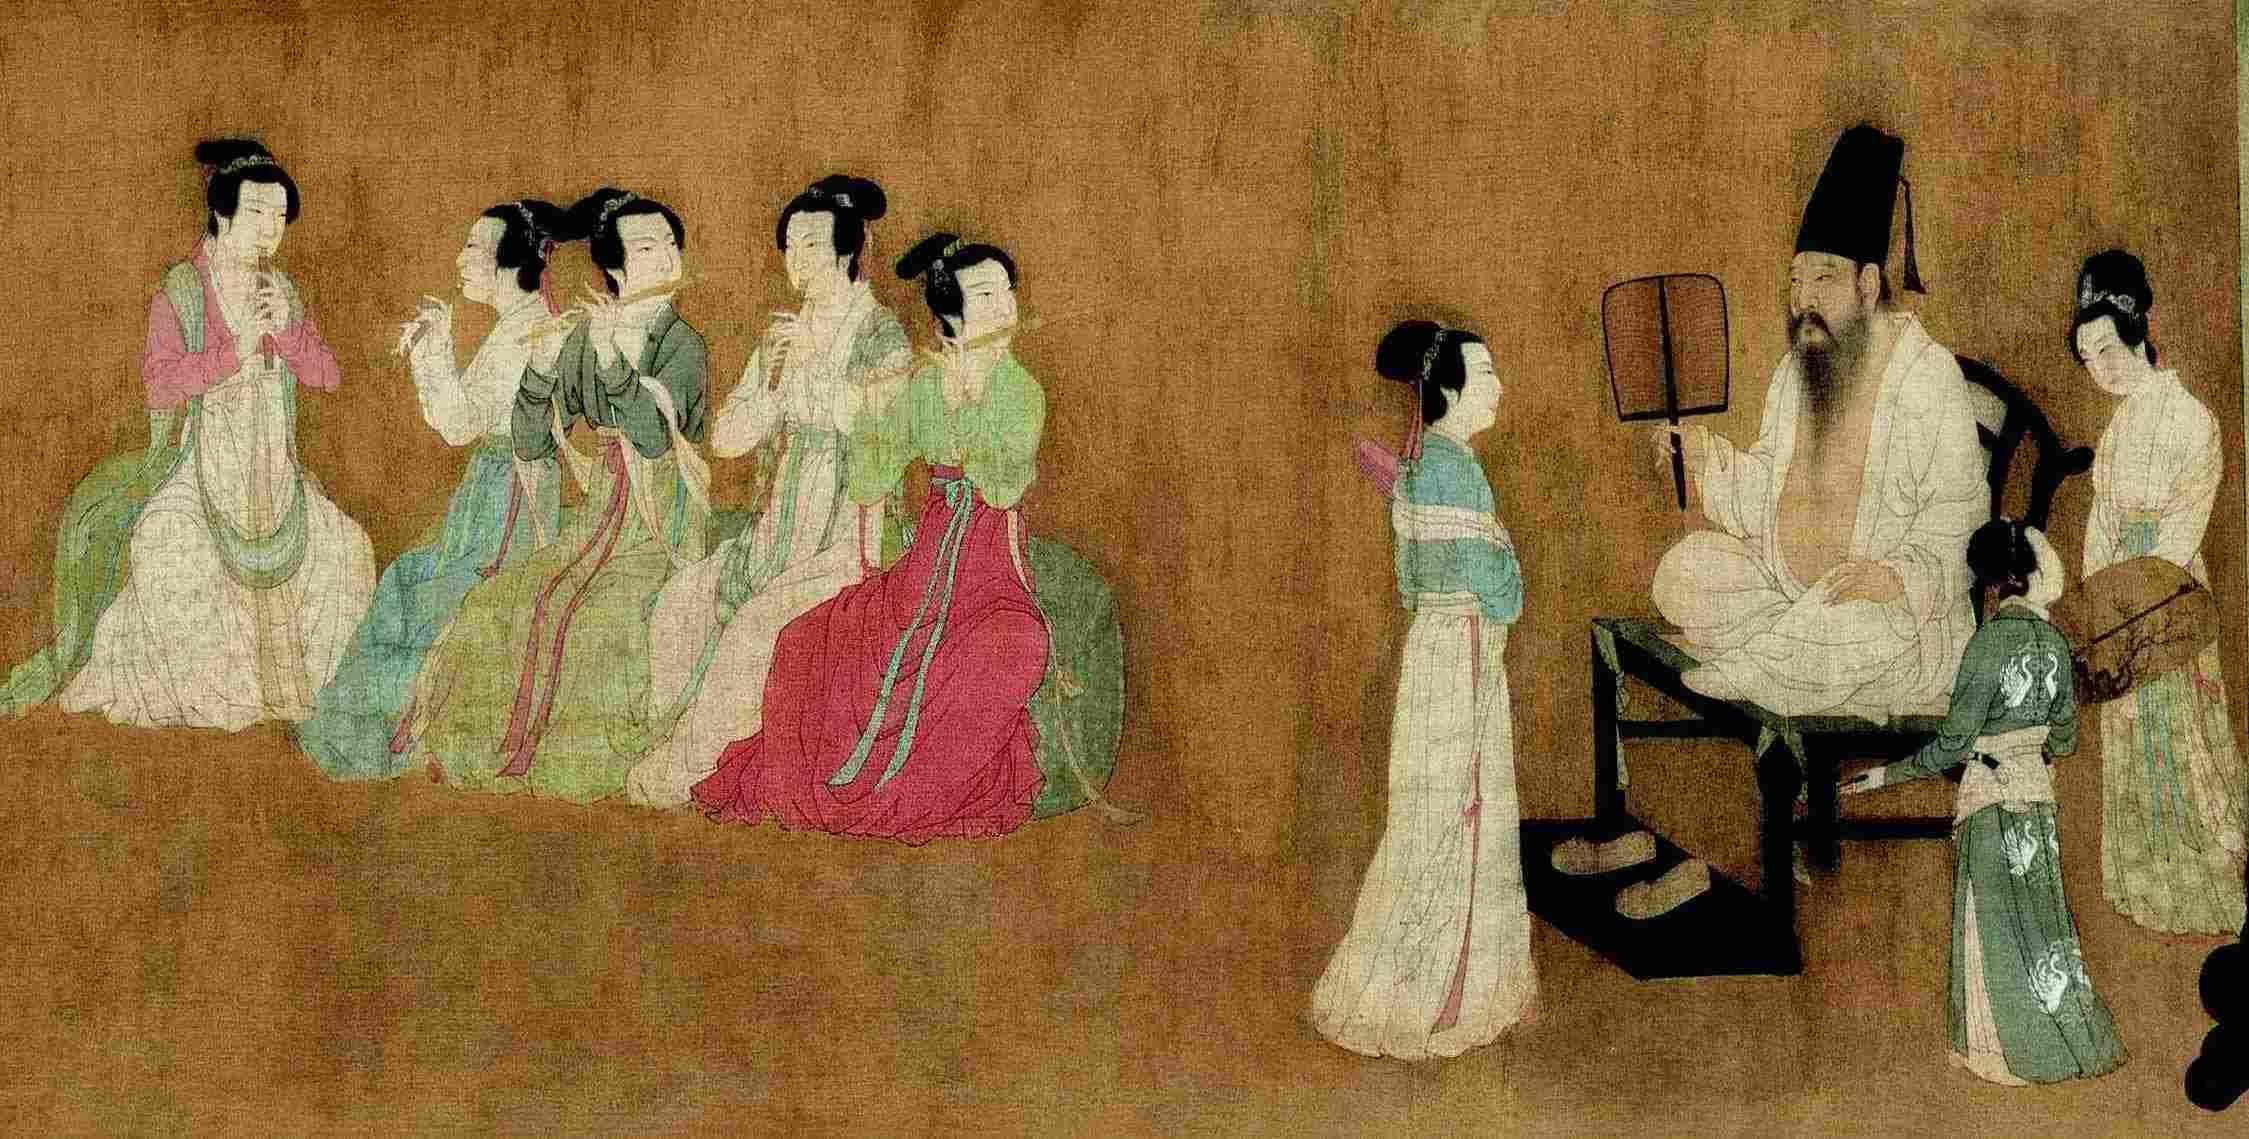 《韩熙载夜宴图》和故宫的数字野心